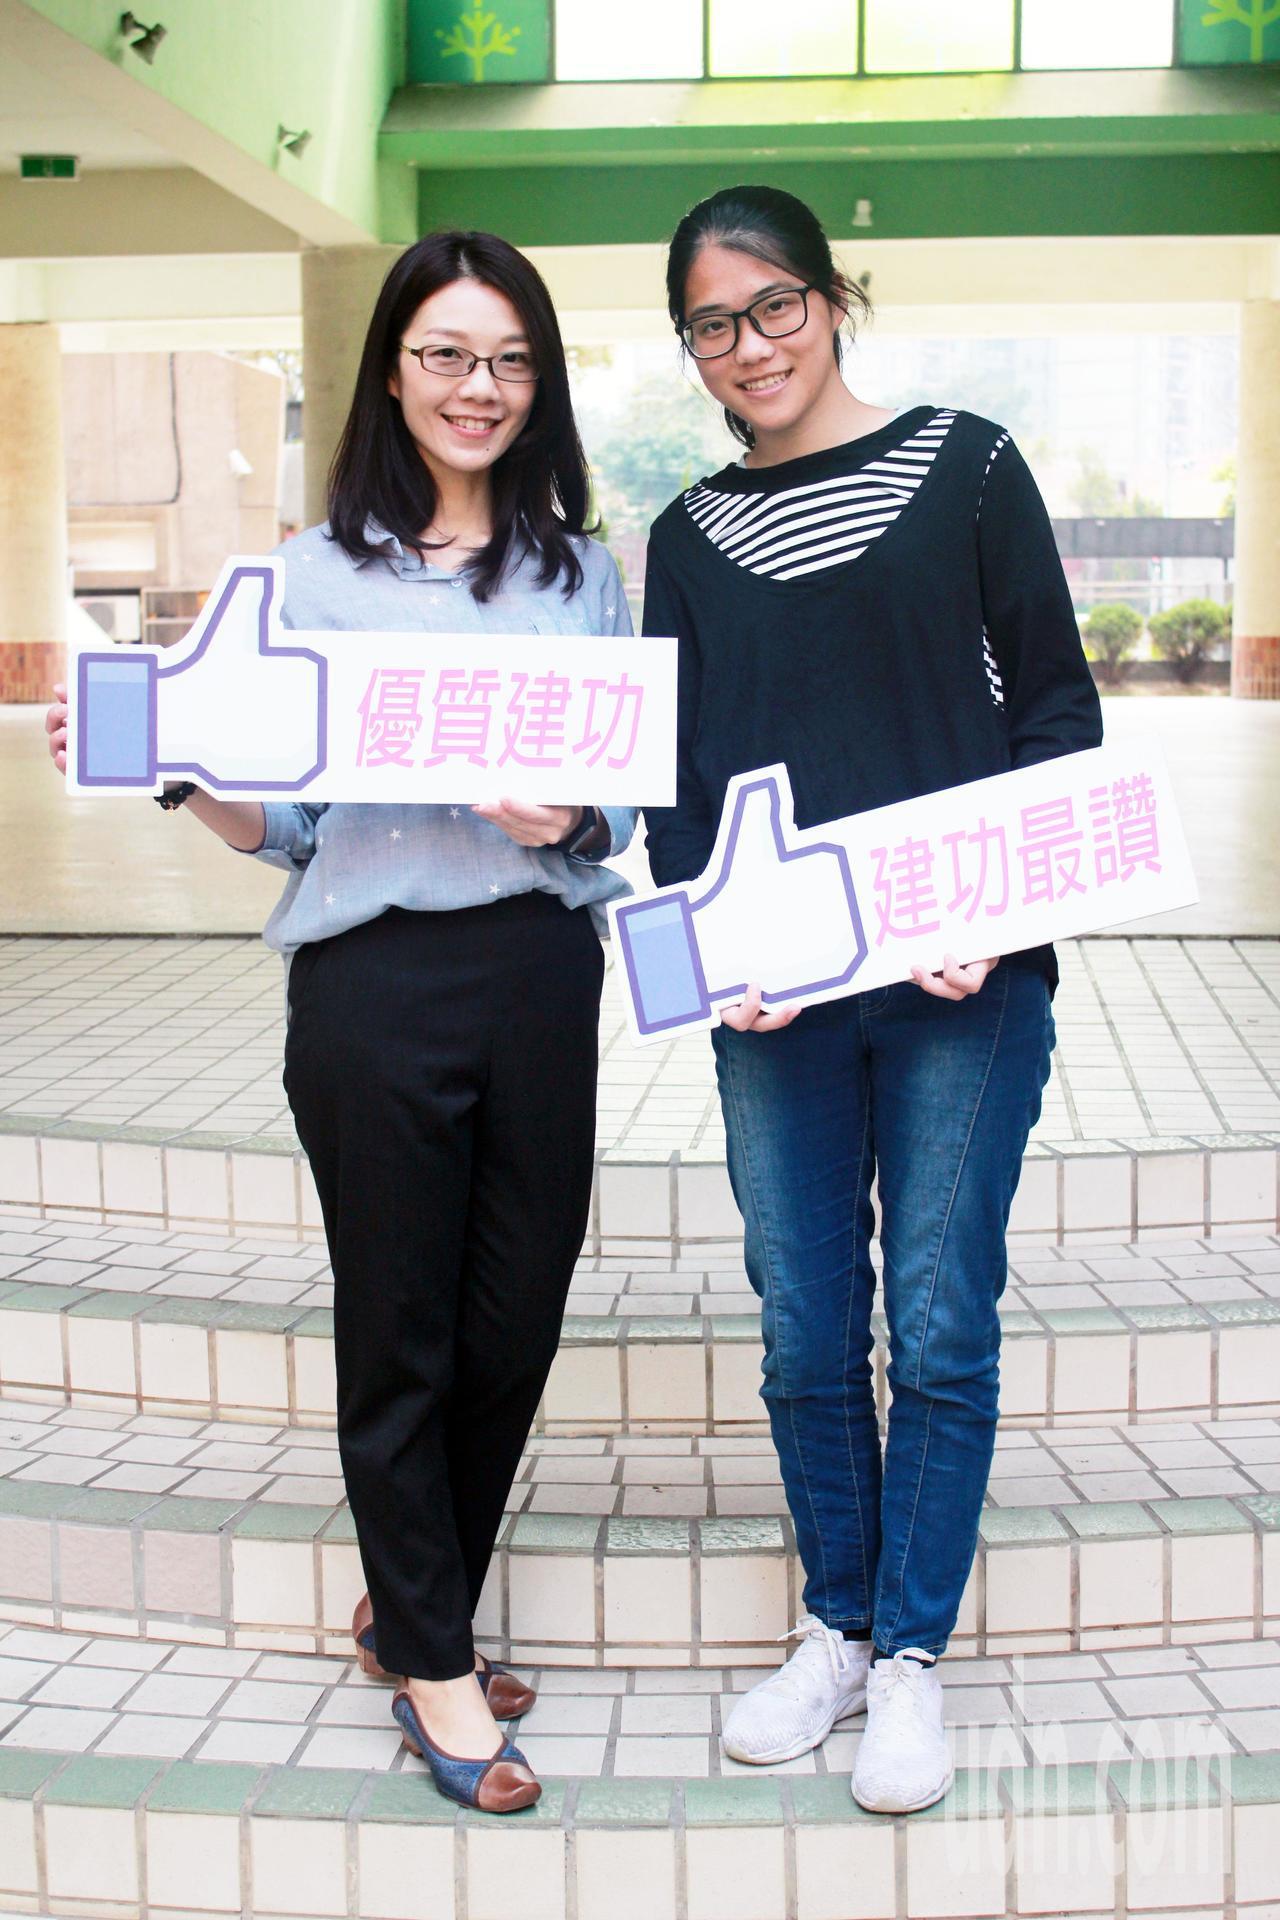 建功高中學生黃薇帆(右),考上政大傳播學院。記者郭宣彣/翻攝